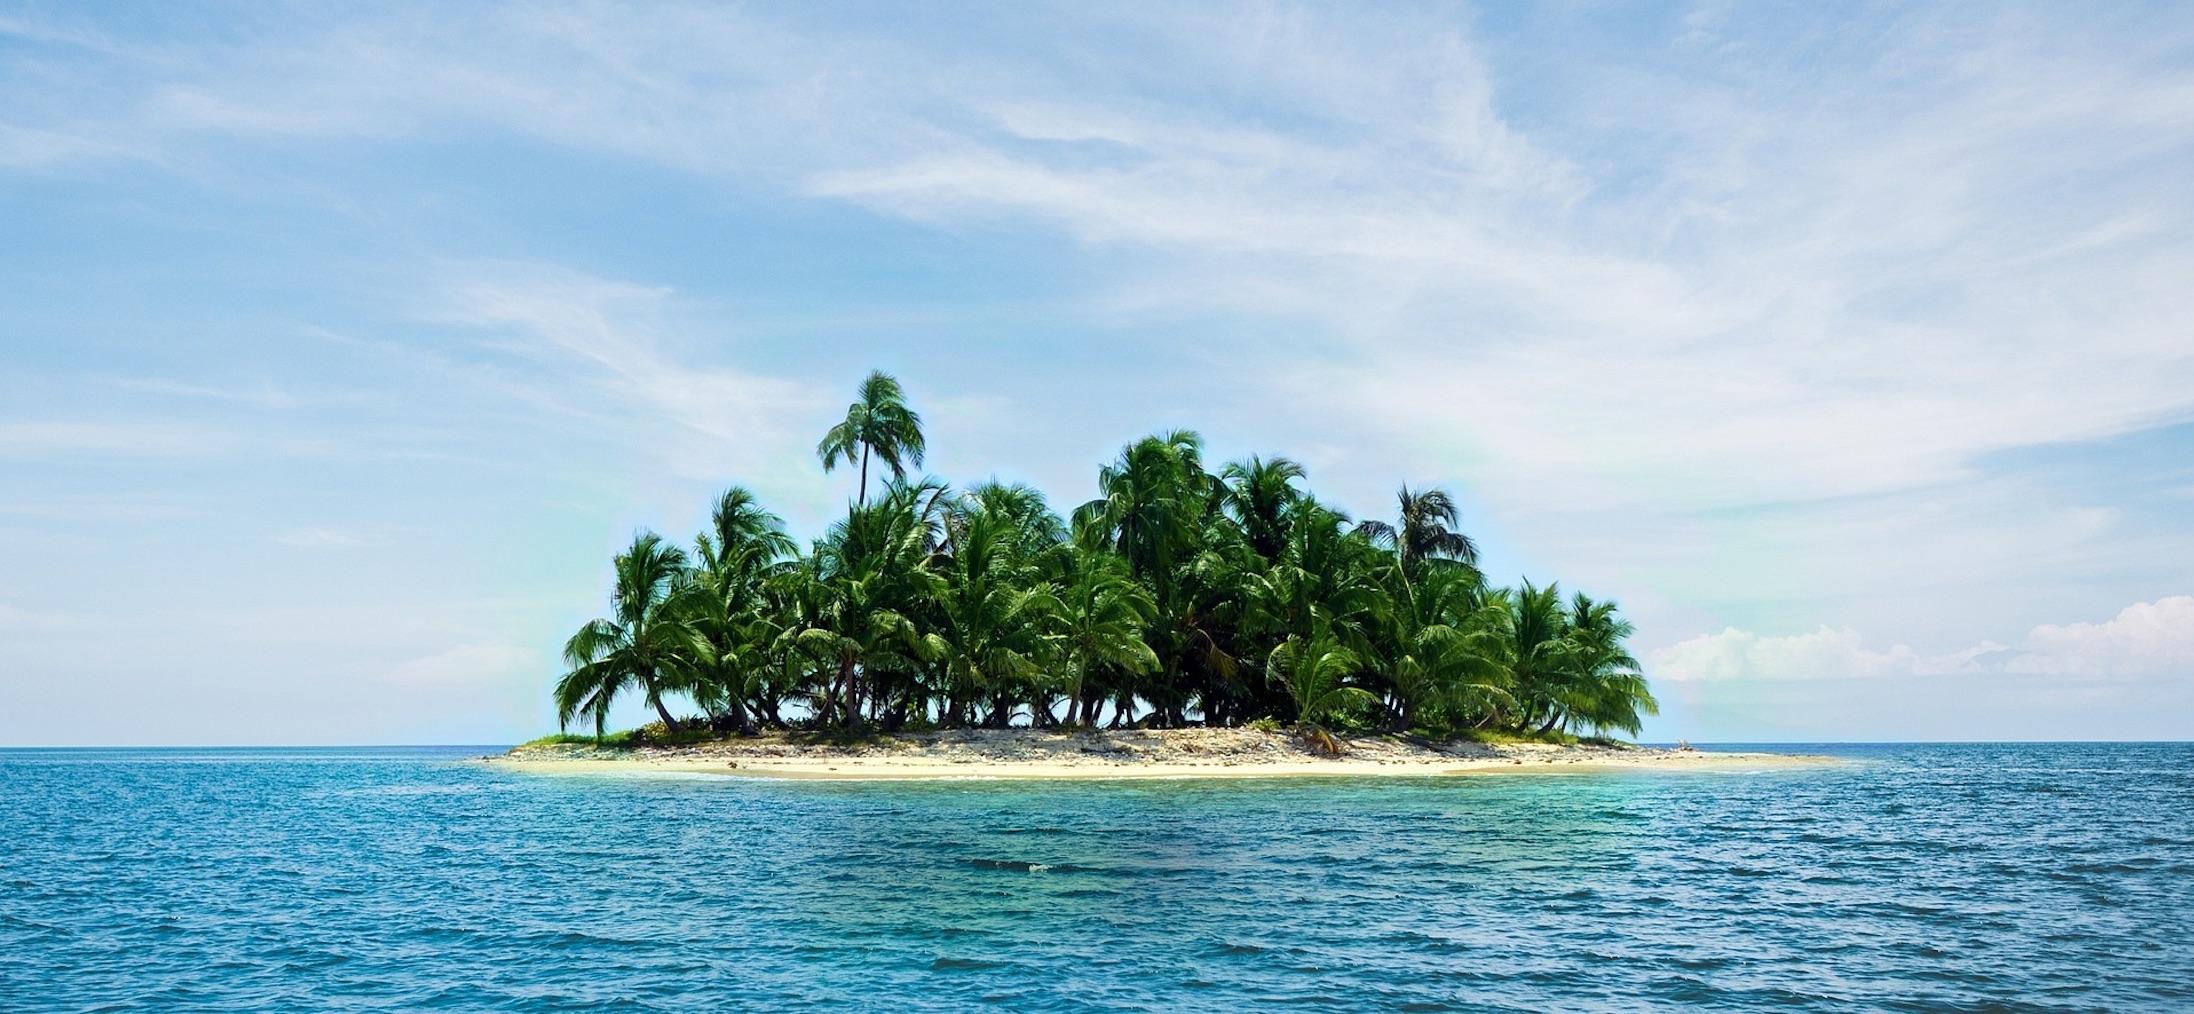 いく に て なら 無人 持っ 島